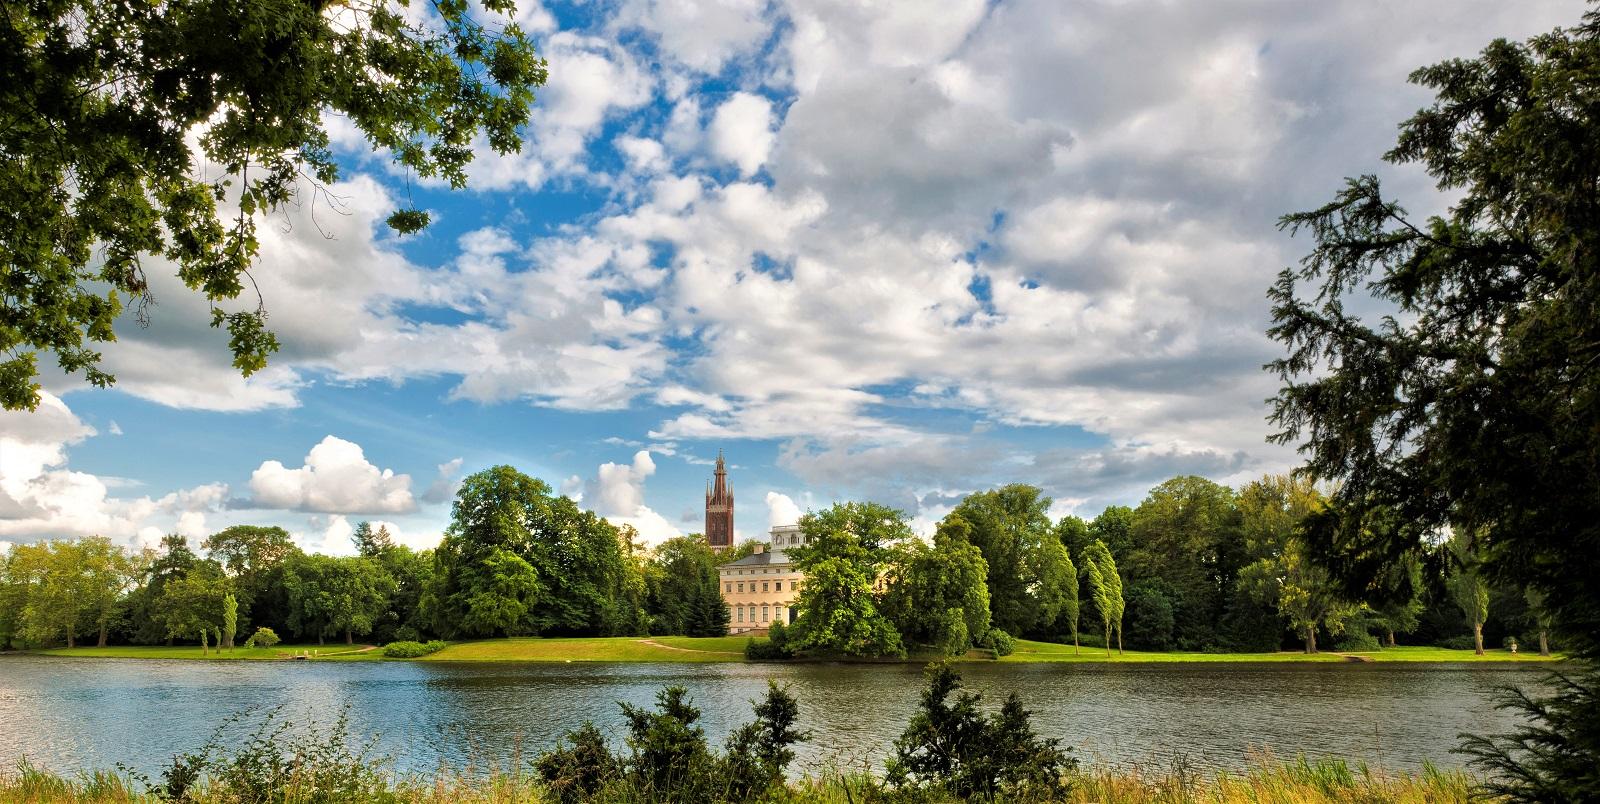 Gartenreich Welterbe – Wörlitz Schloss und Kirche über See